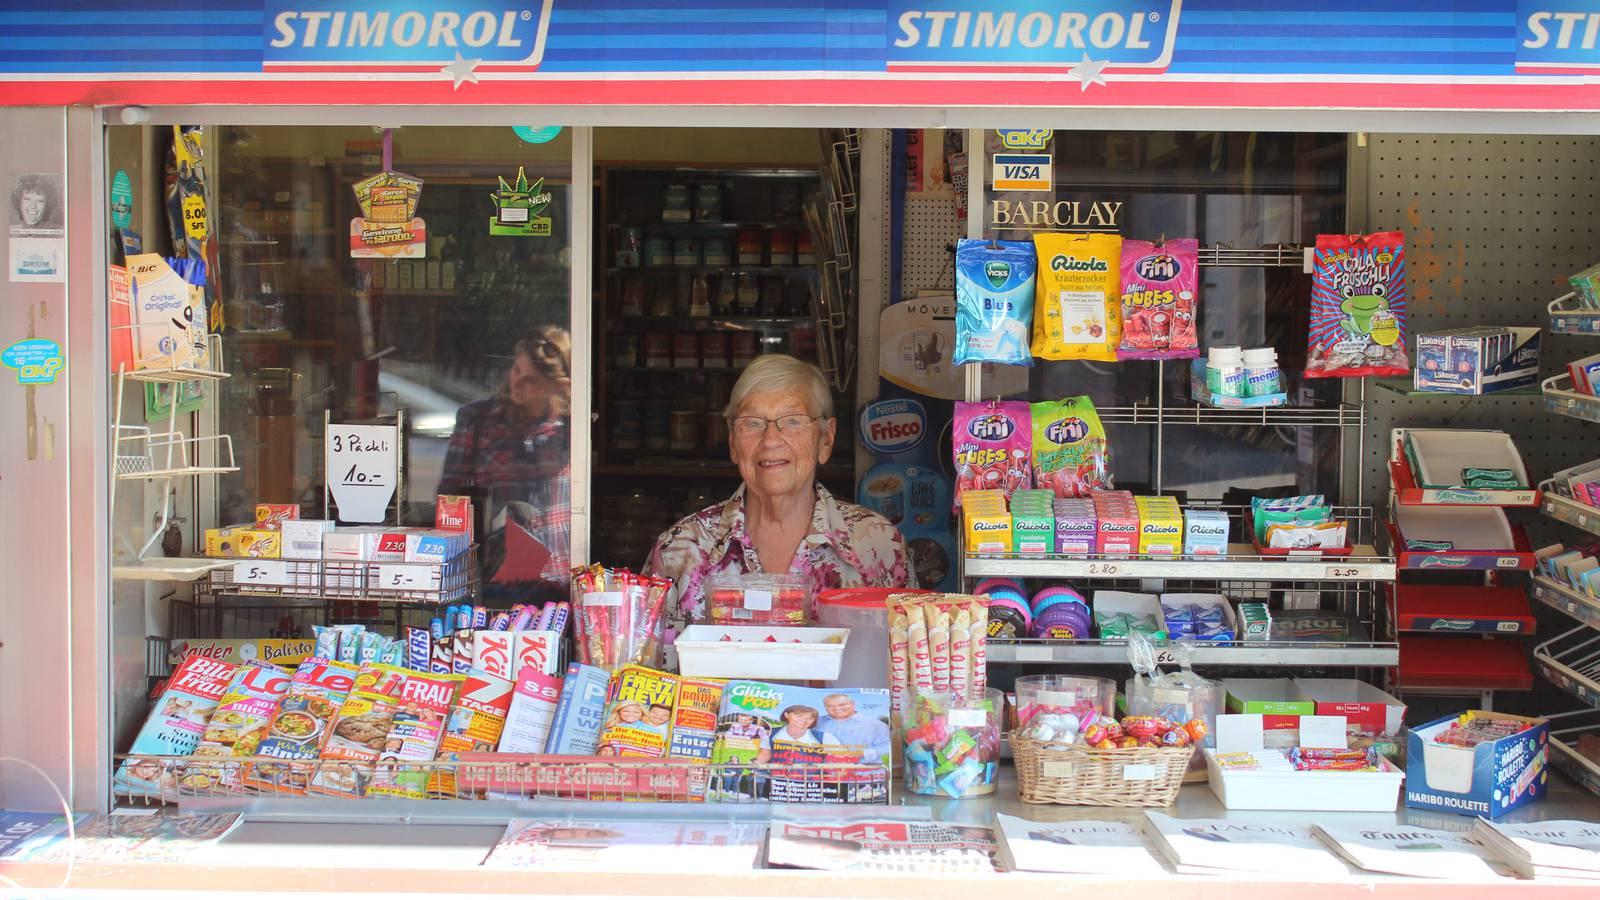 Johanna von Dach führte 42 Jahre lang den Kiosk. Mitte November geht sie in den wohlverdienten Ruhestand. (© FM1Today)